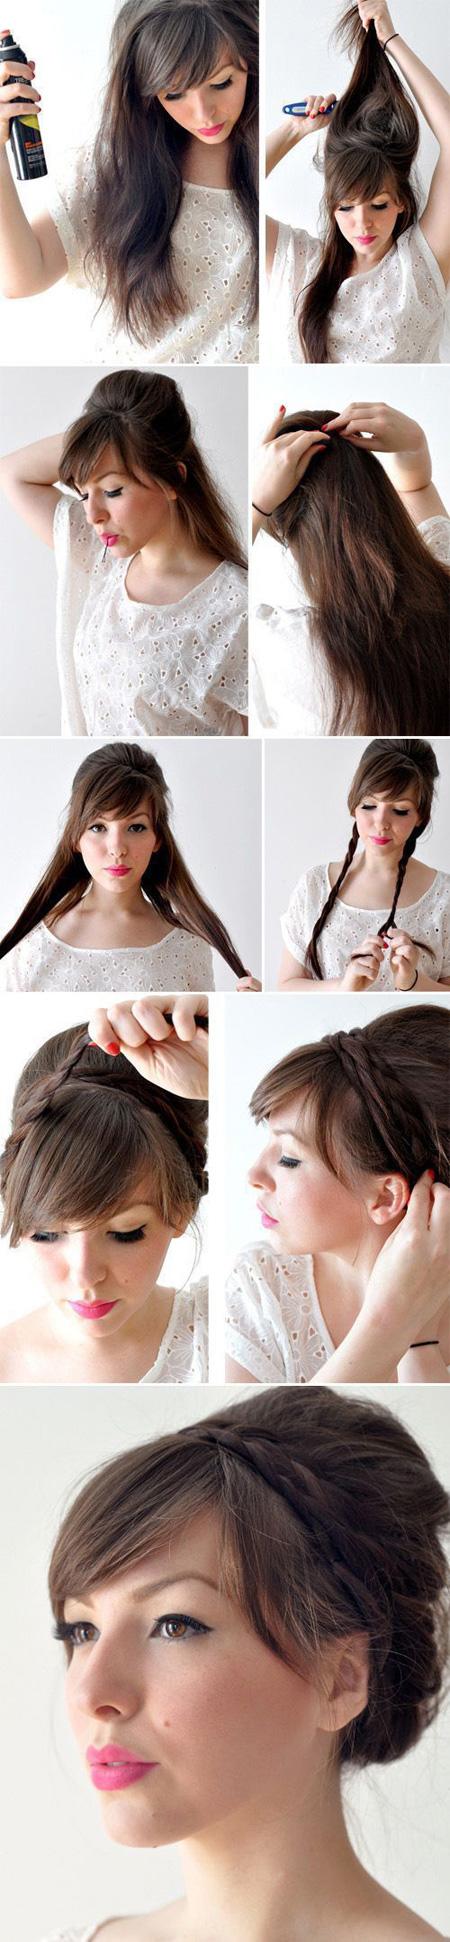 Прическа греческая на длинные волосы видео уроки